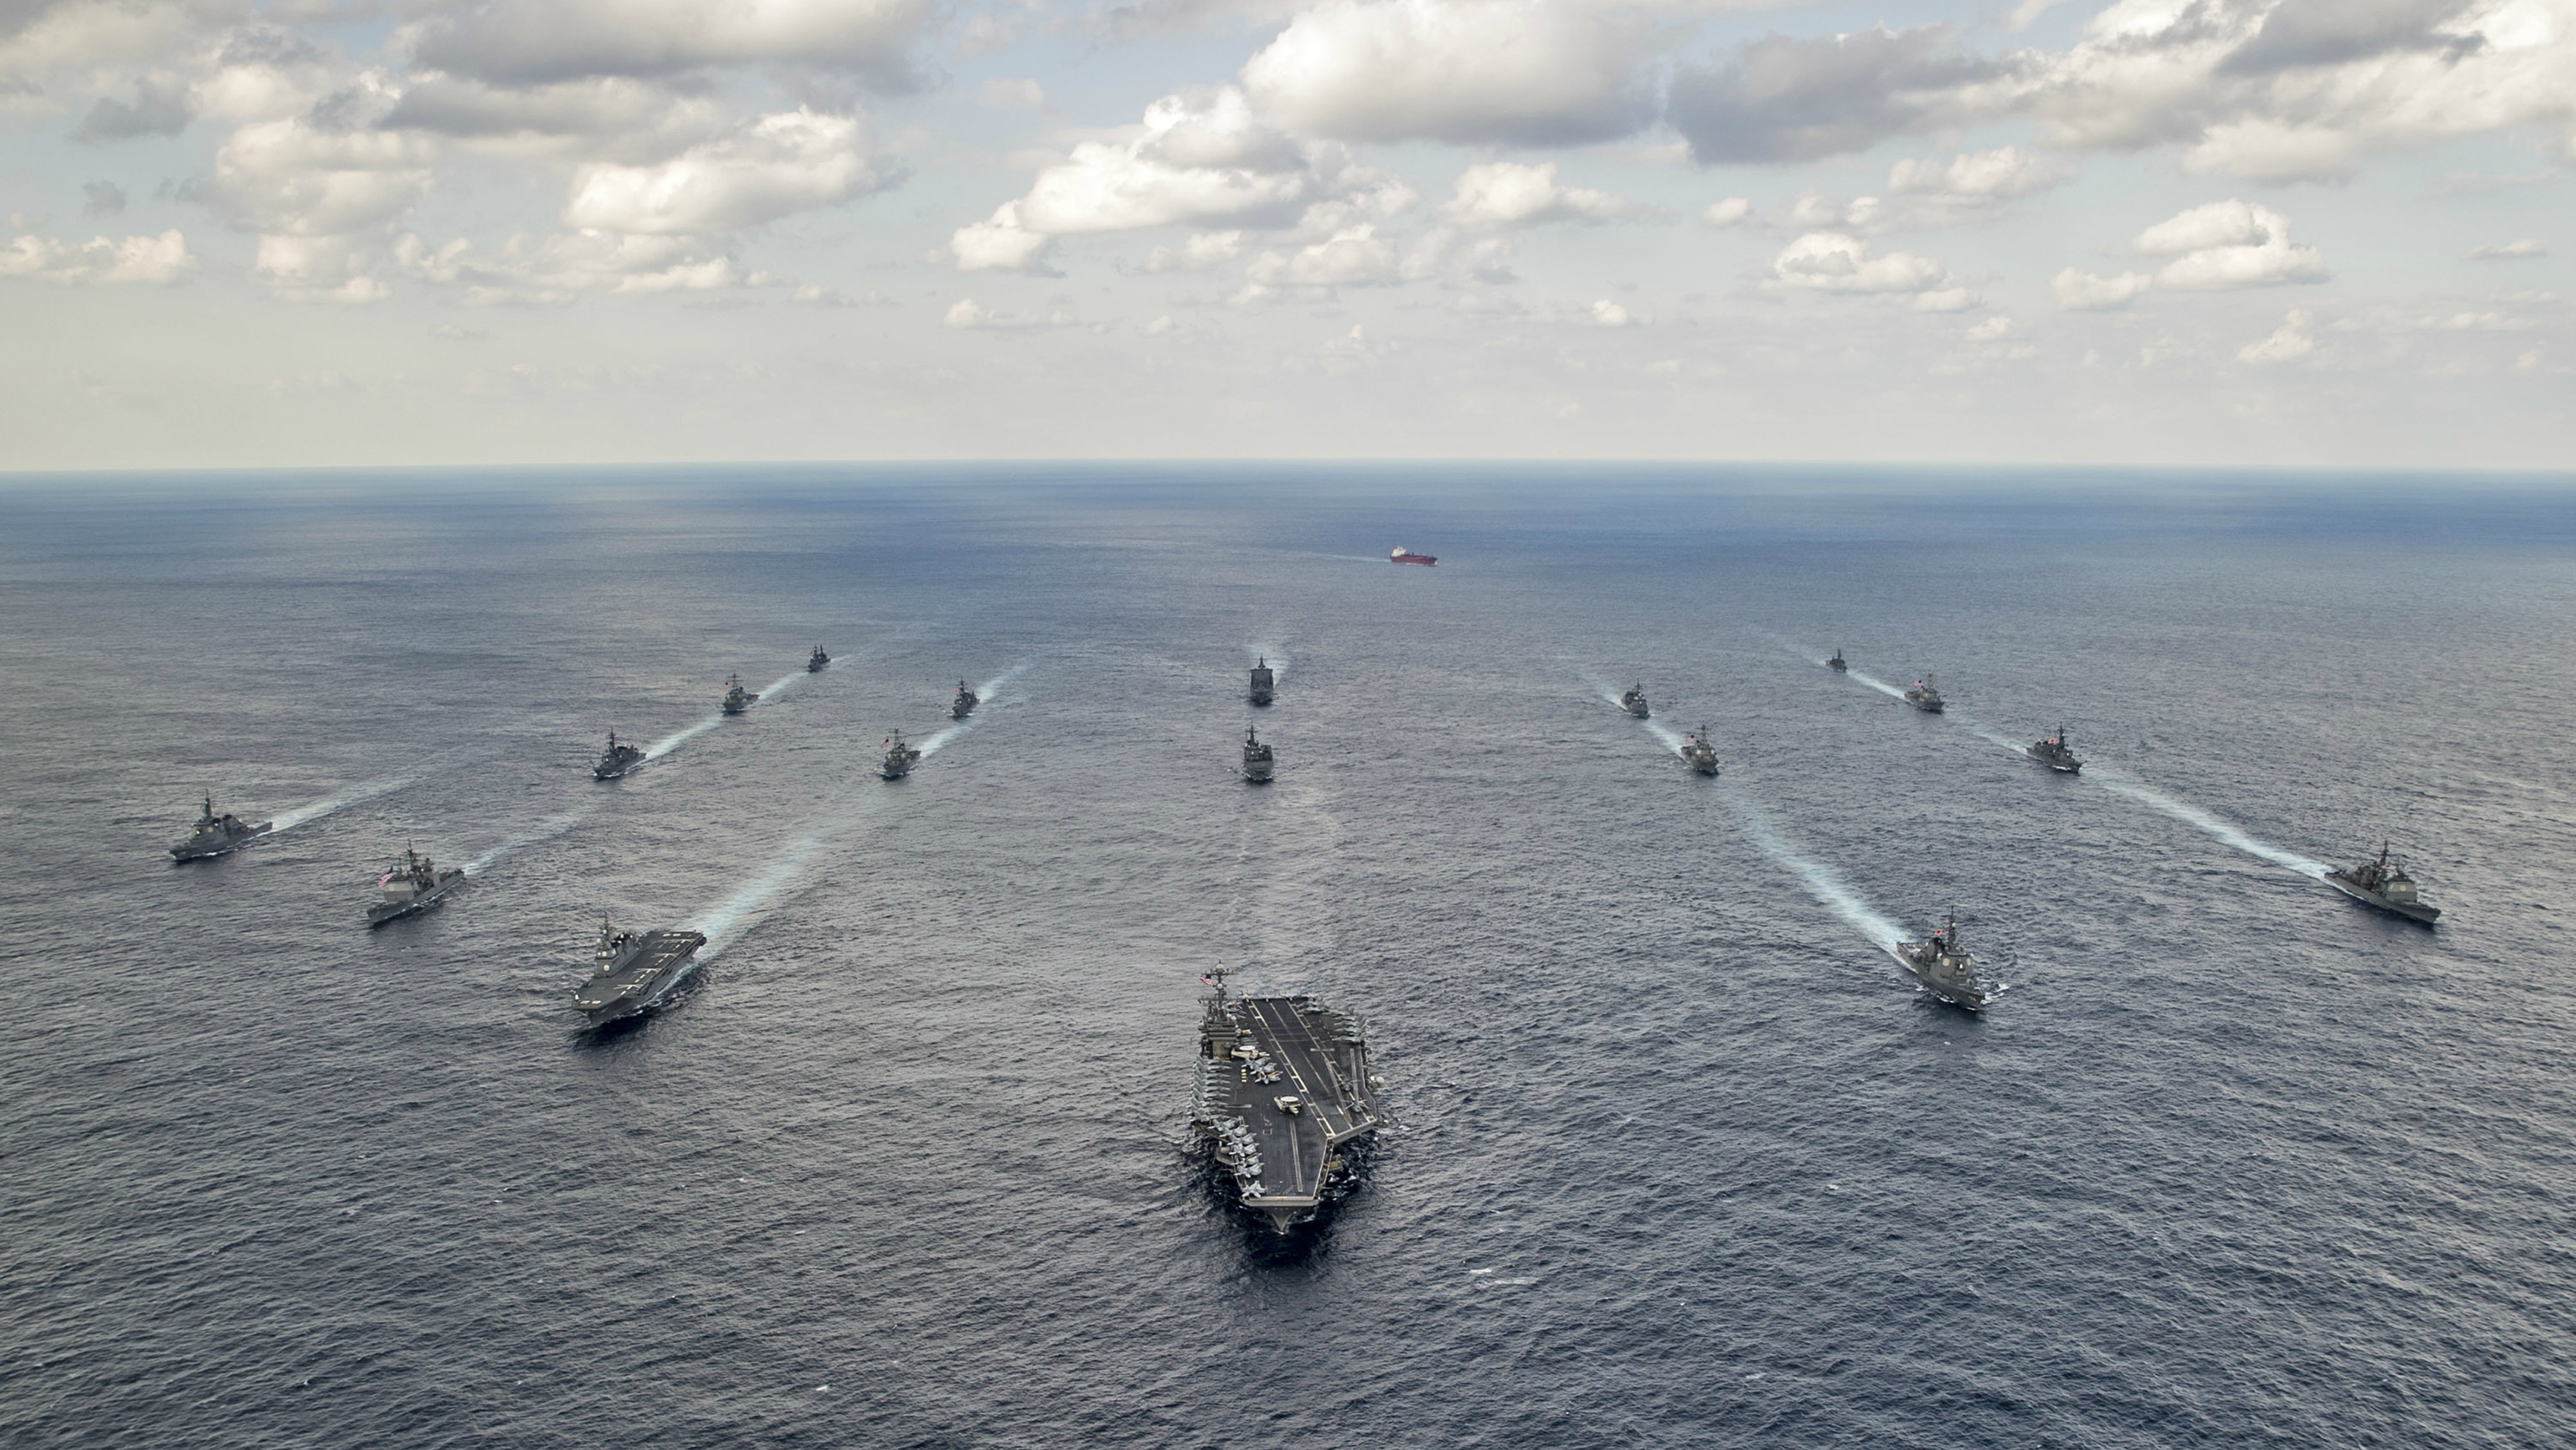 c-ship-RTR4EYSL-Handout